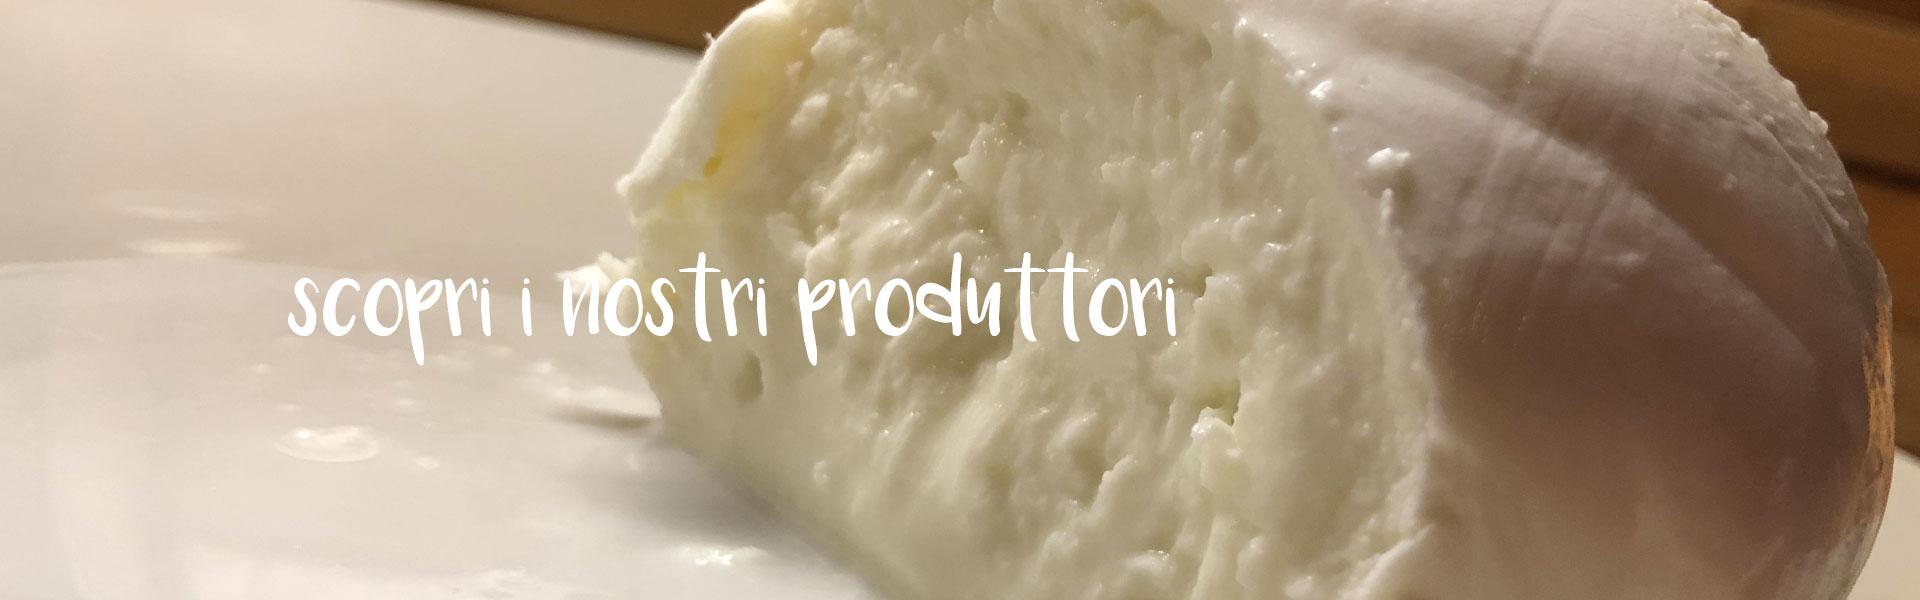 i nostri produttori agricobi cobifarm